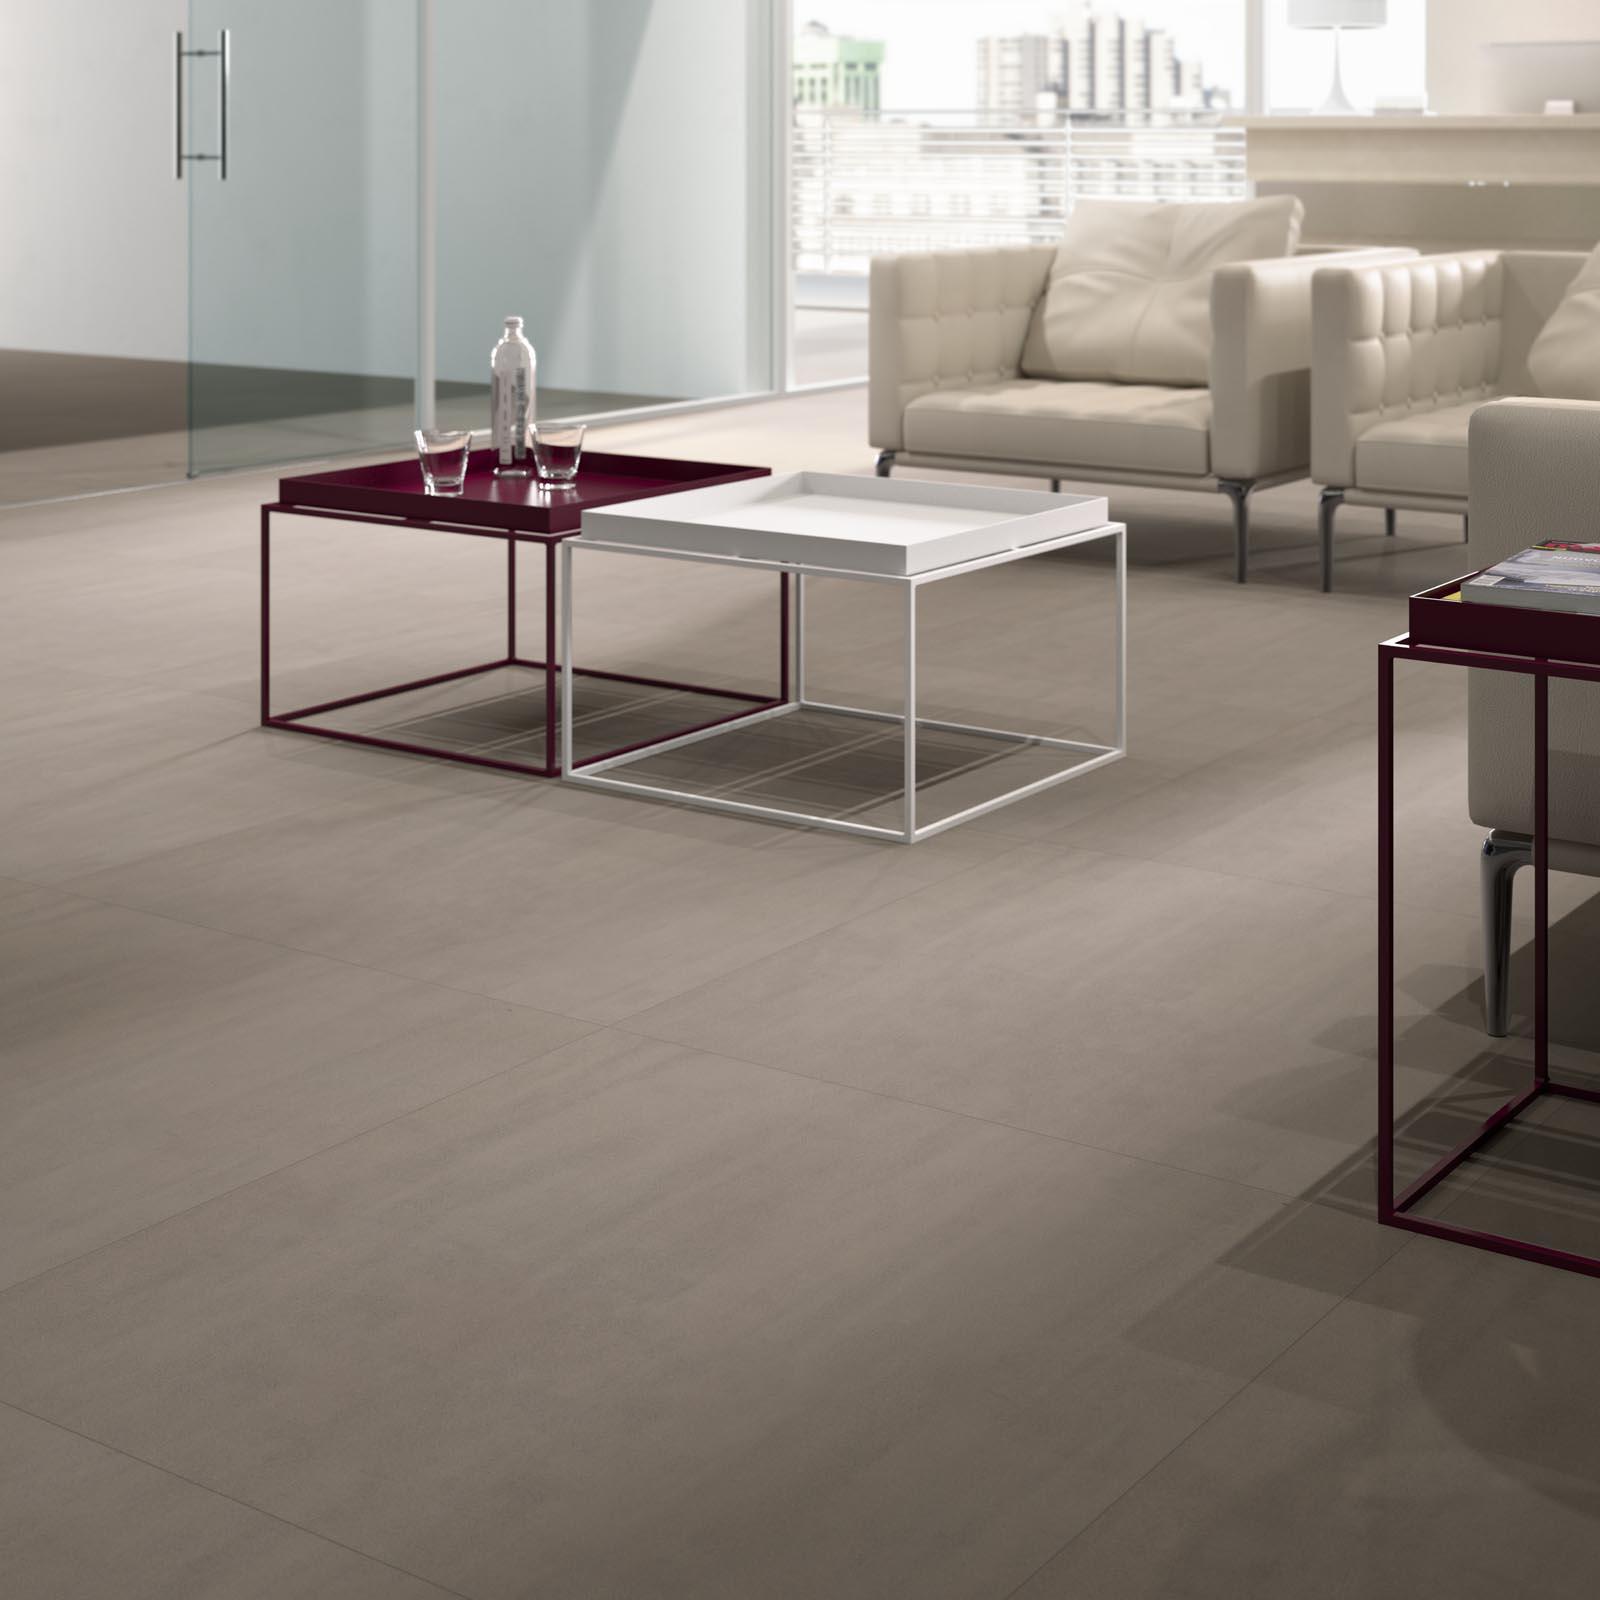 Pavimenti e rivestimenti di grandi formati marazzi for Piastrelle 80x80